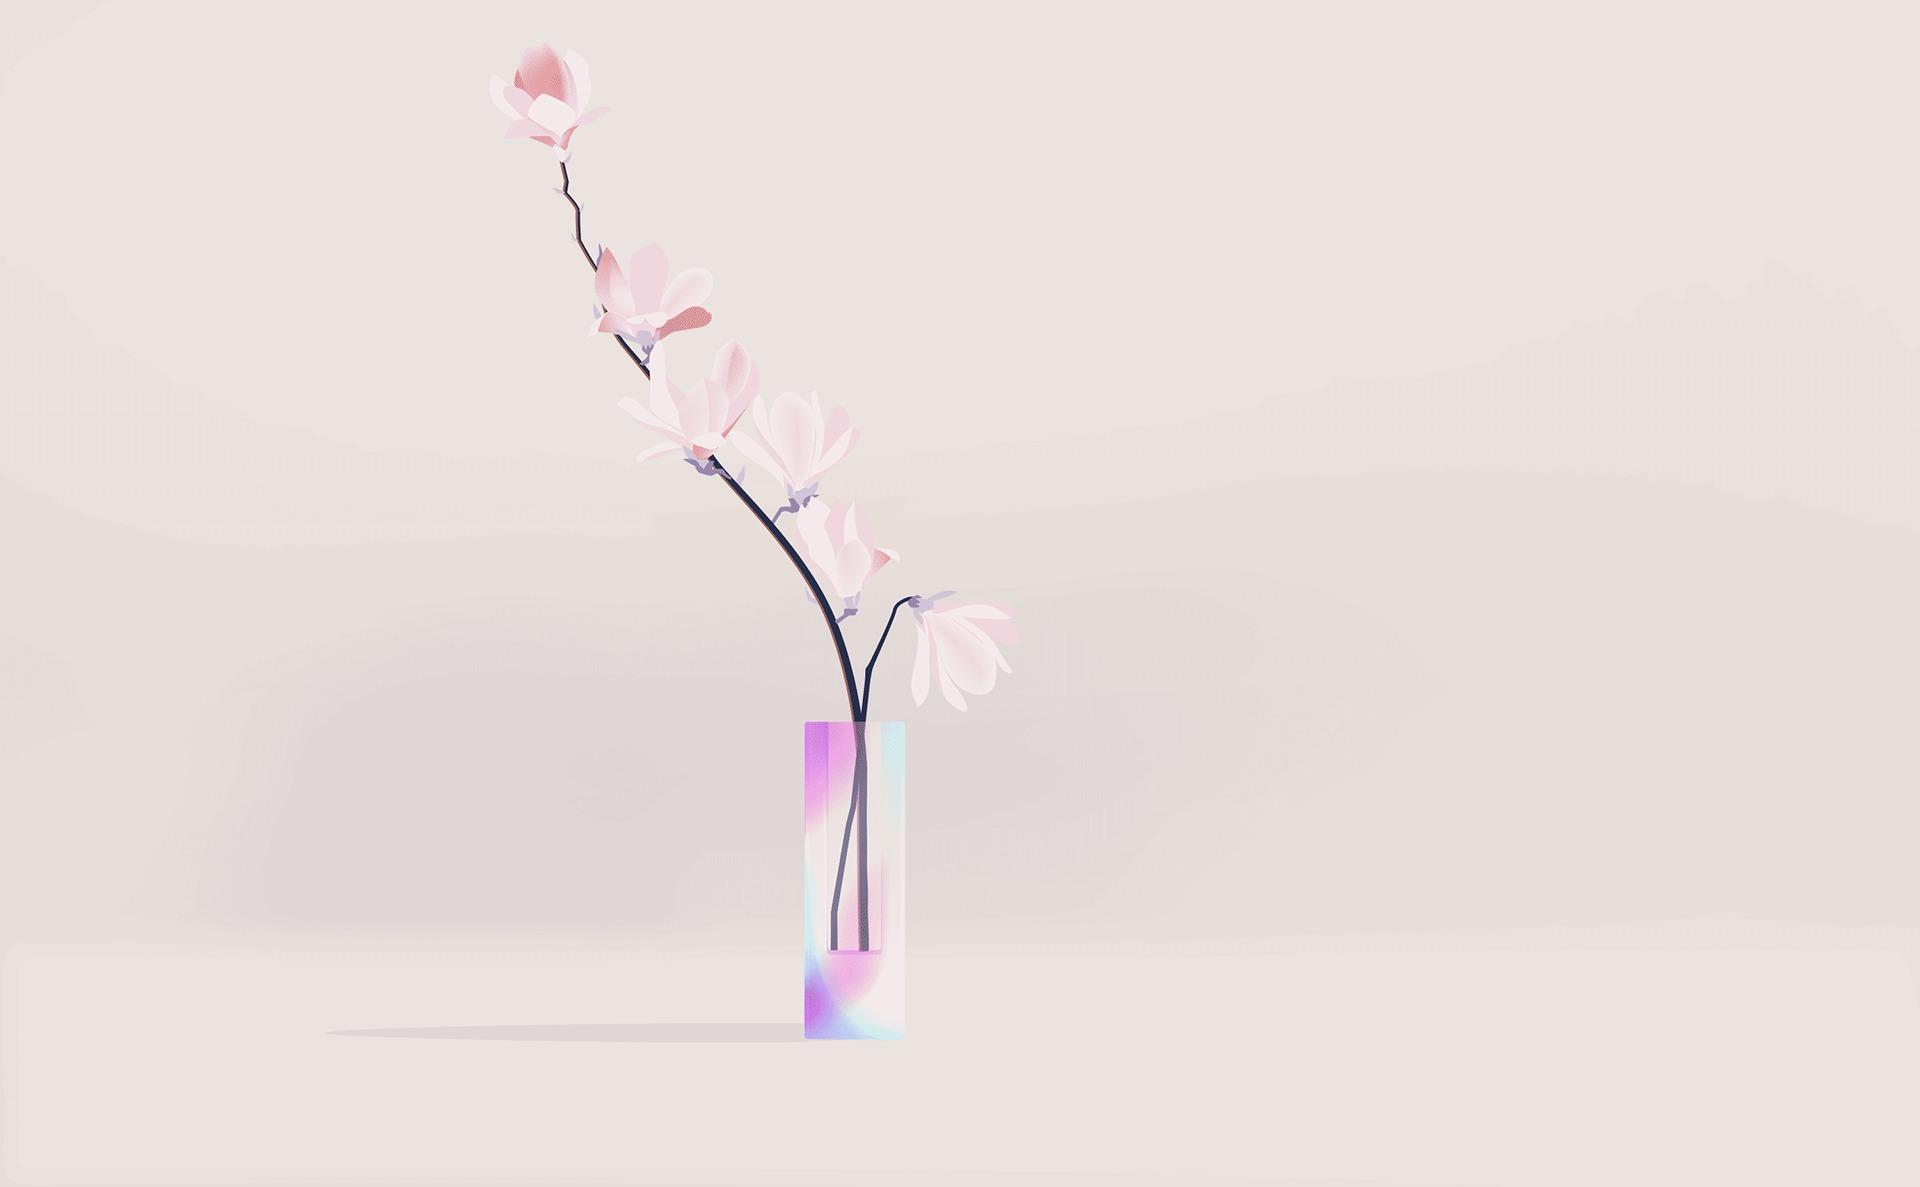 Taller de Ikebana 2019 (3)